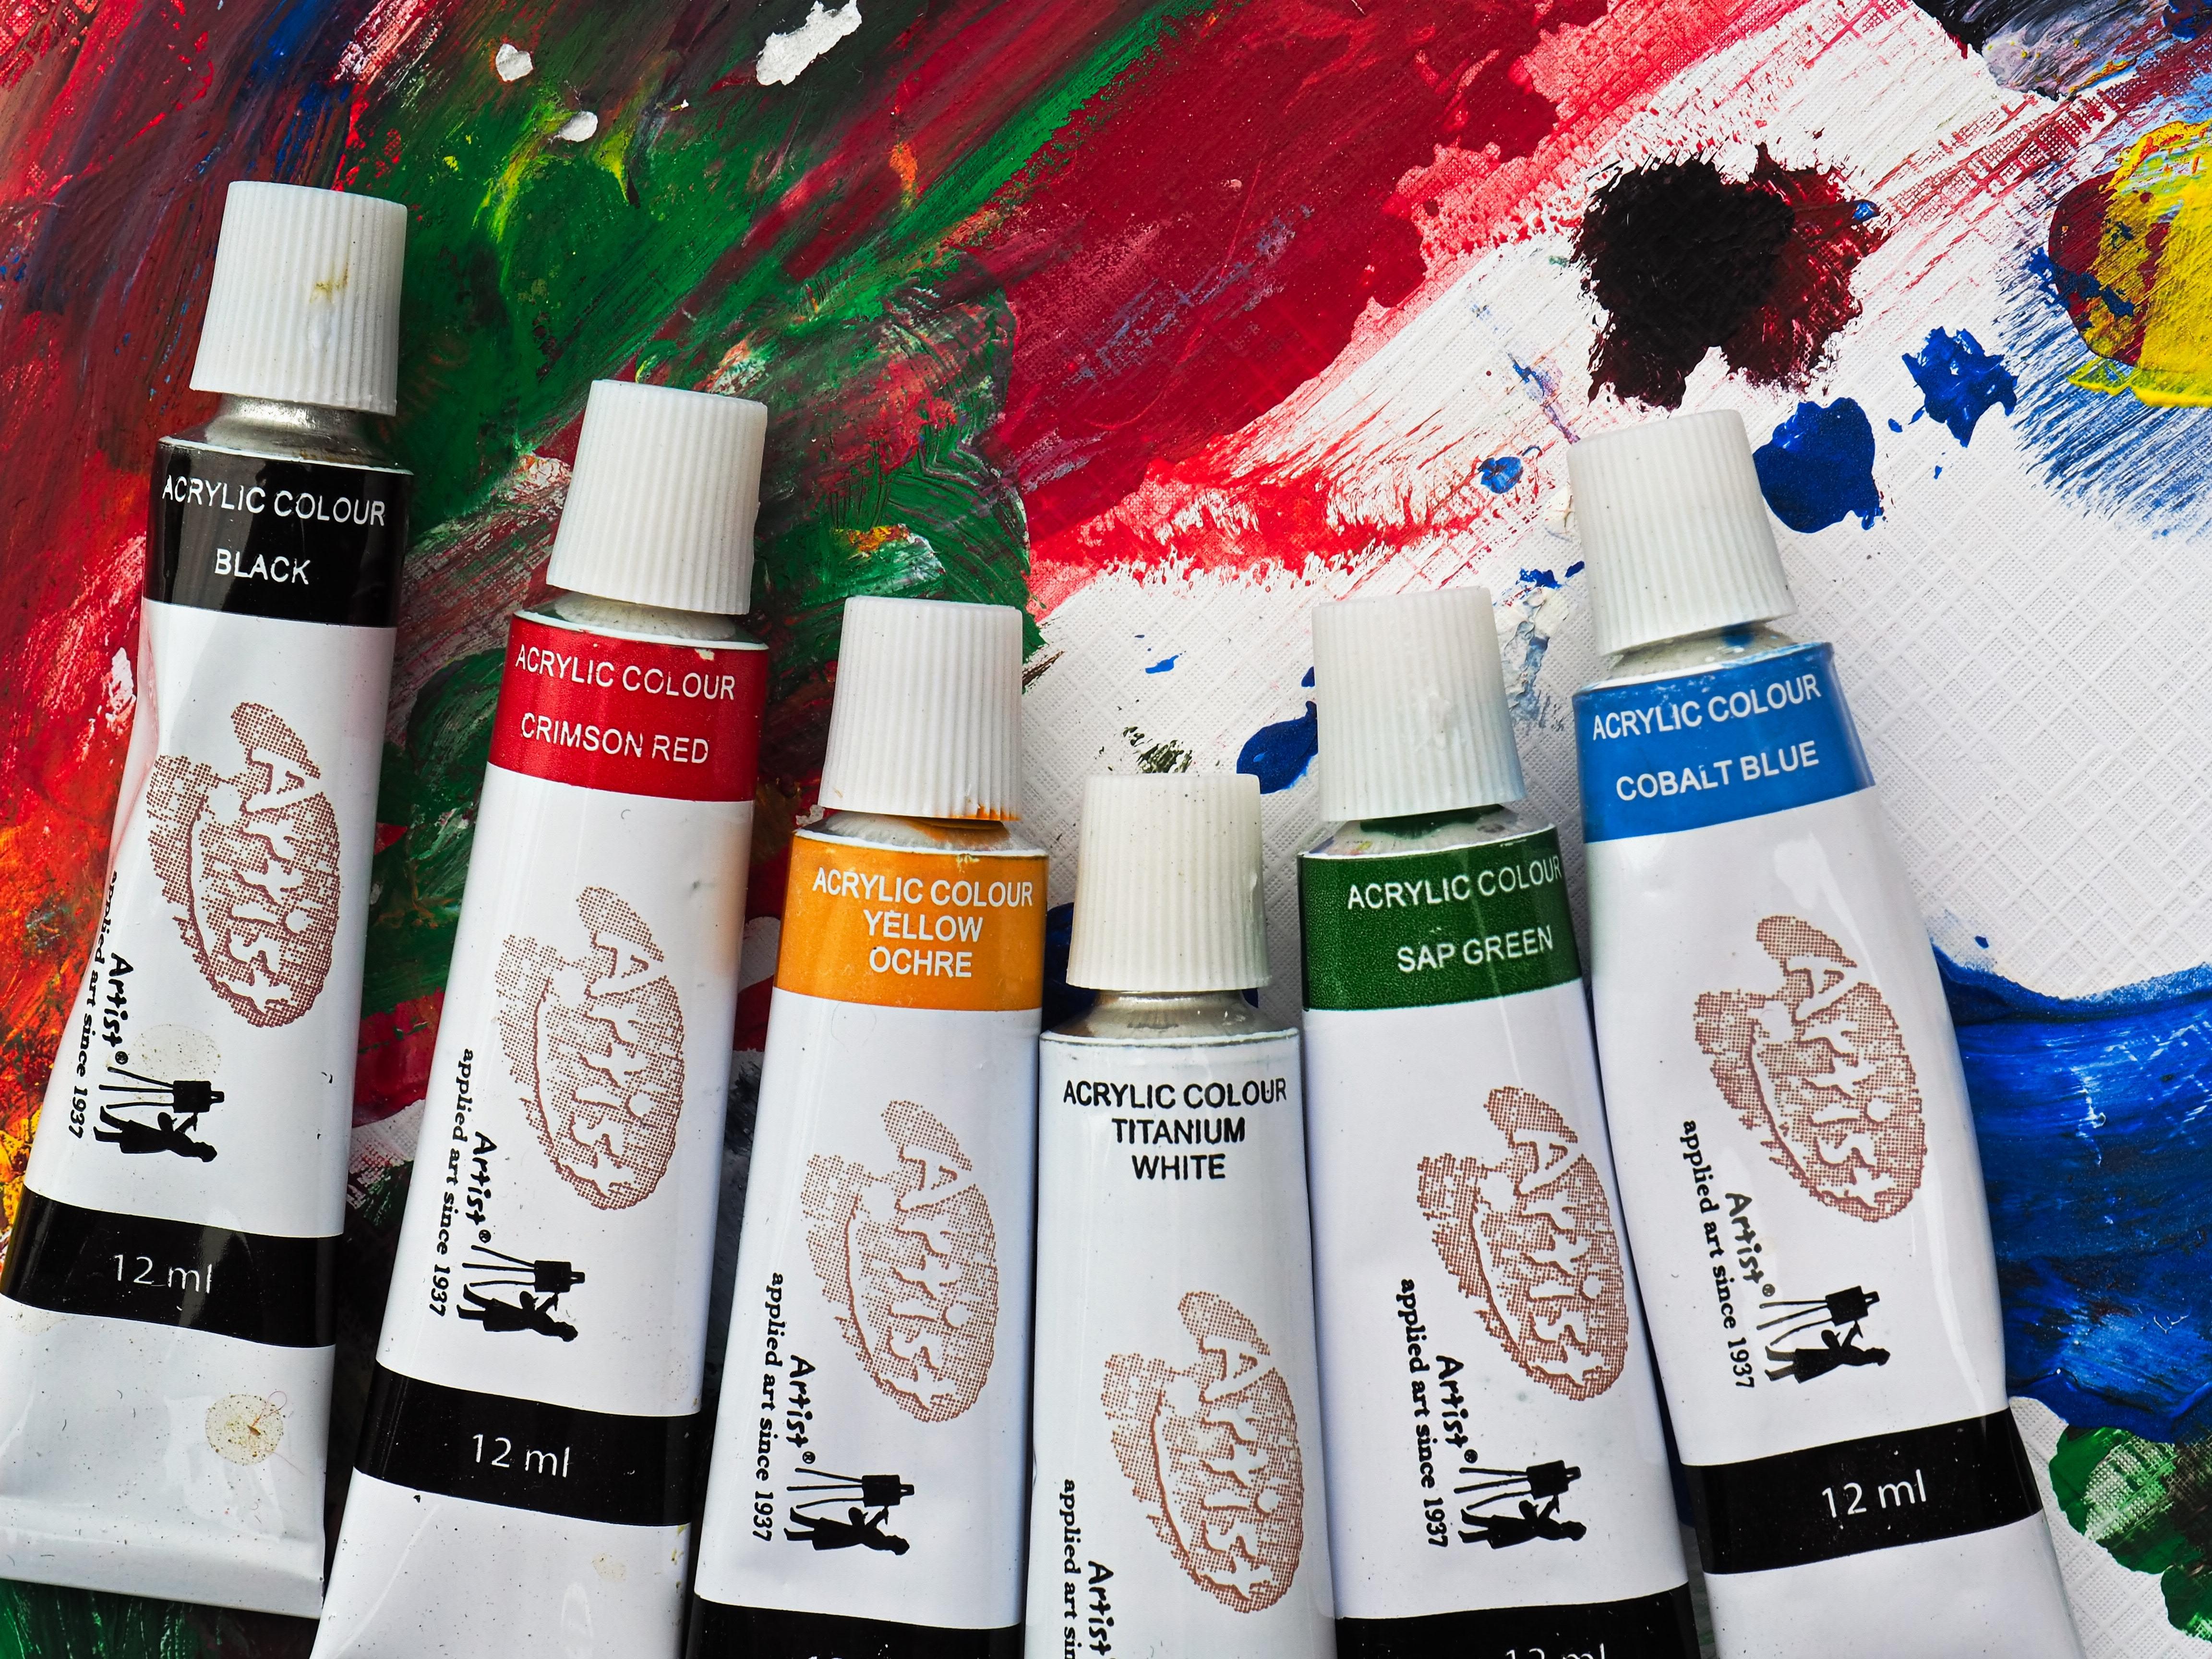 Manualidades Vistosas.Fotos Gratis Art Materiales De Arte Artistico Artes Y